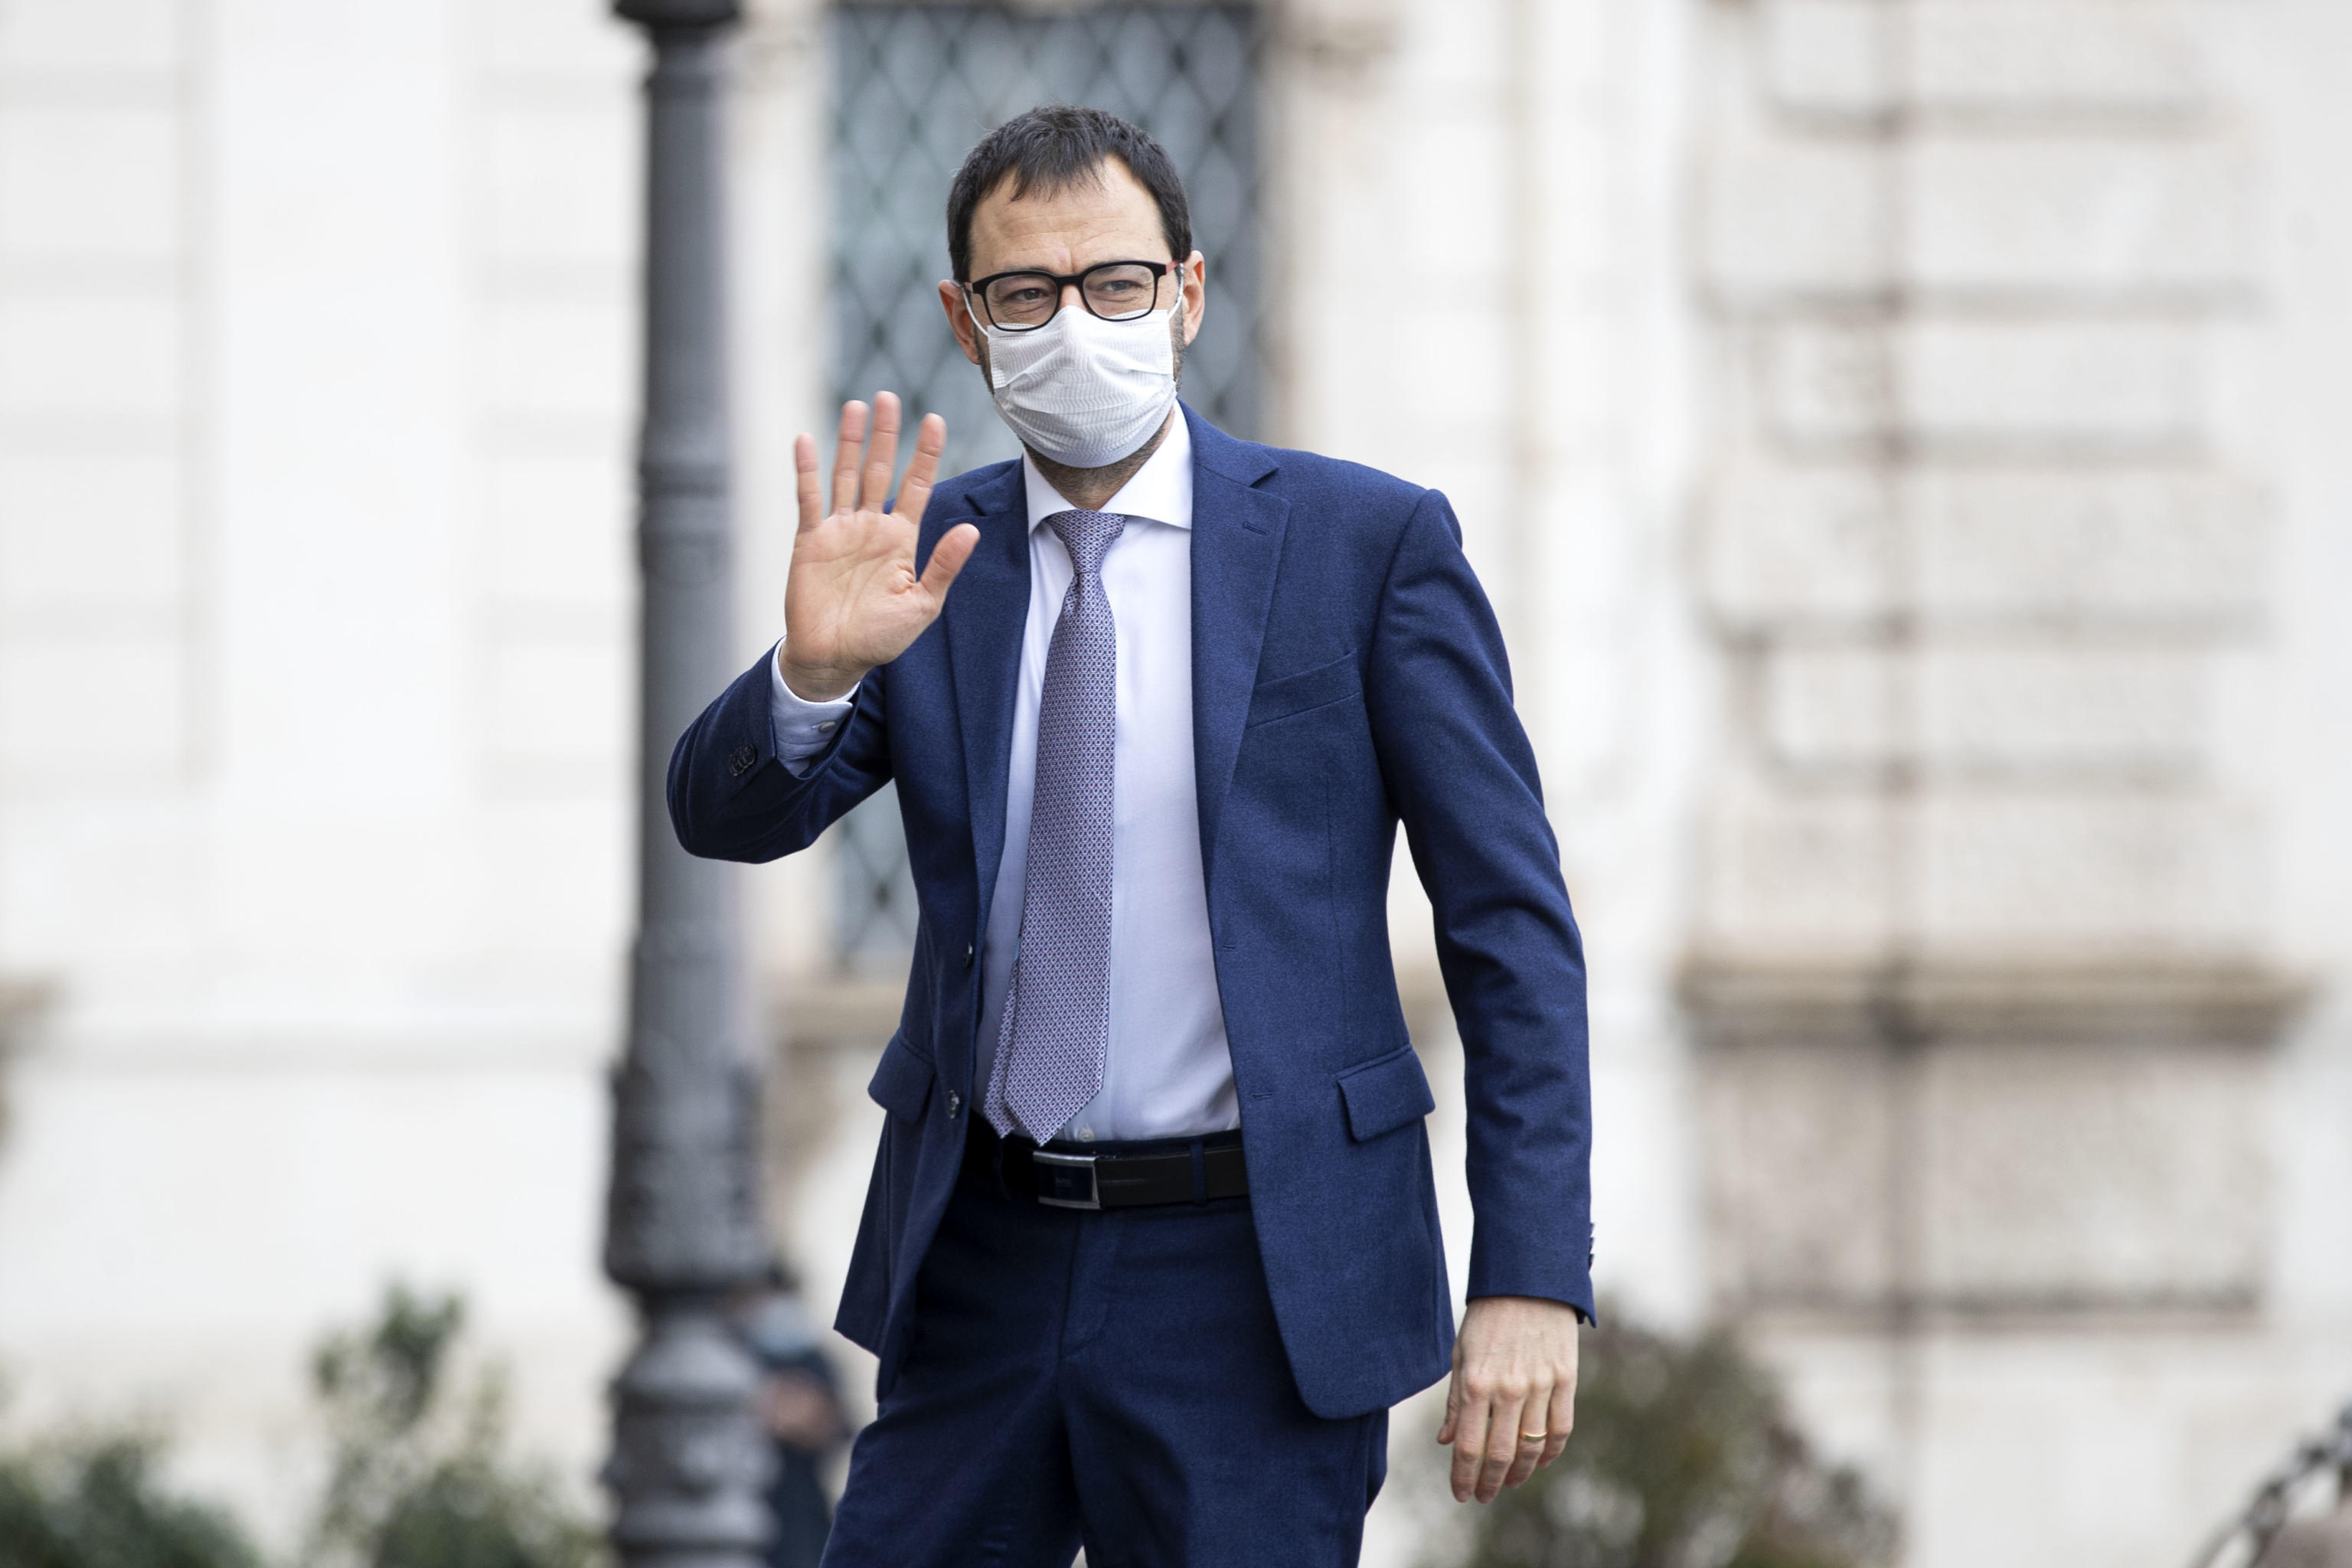 Patuanelli (M5s) rompe con Casaleggio: «Se vuole fare politica lo dica, le prospettive non coincidono»